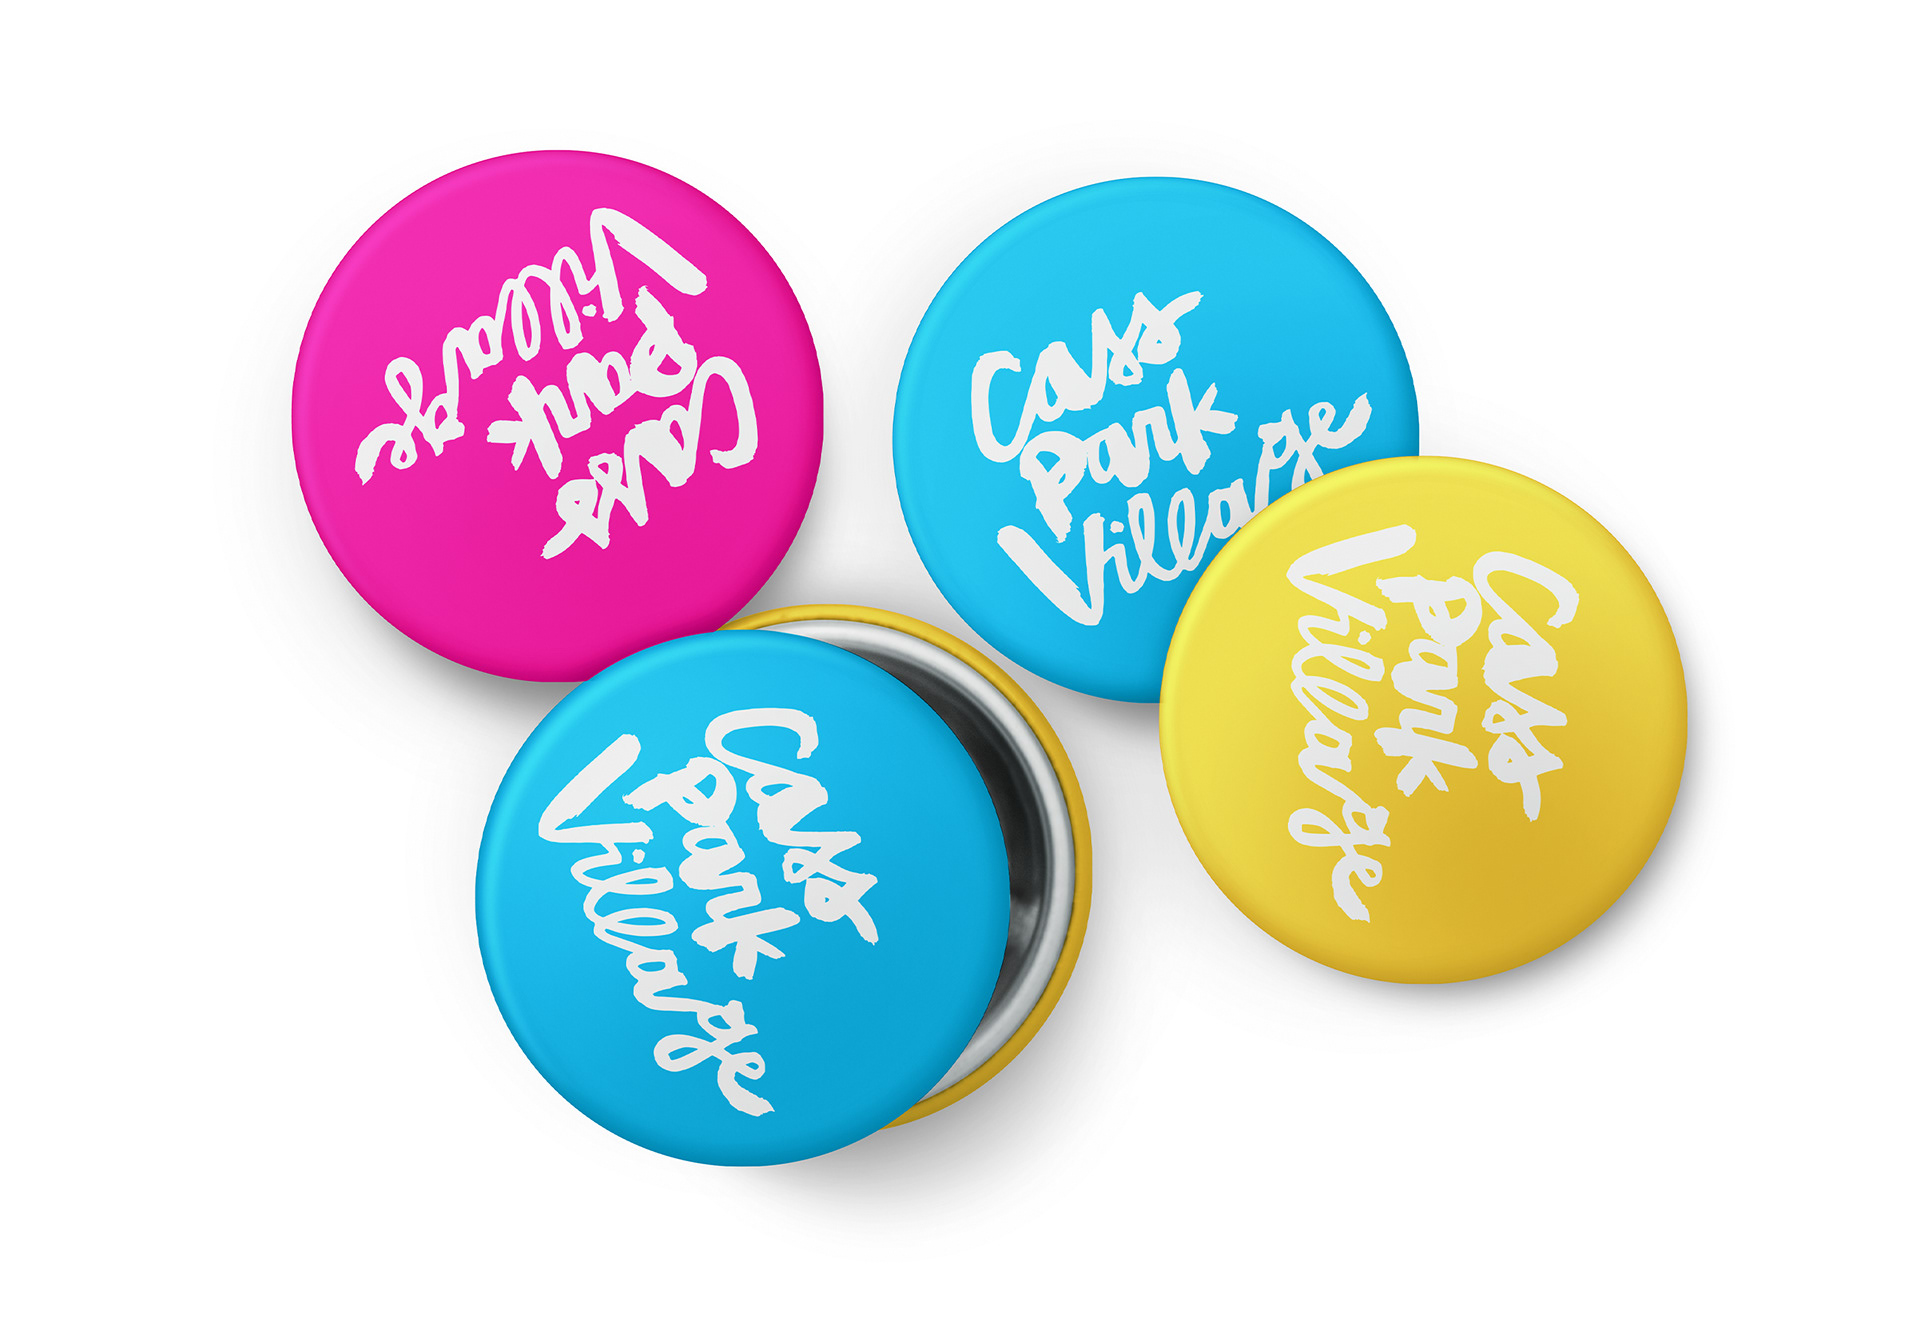 cass-park-village-buttons.jpg